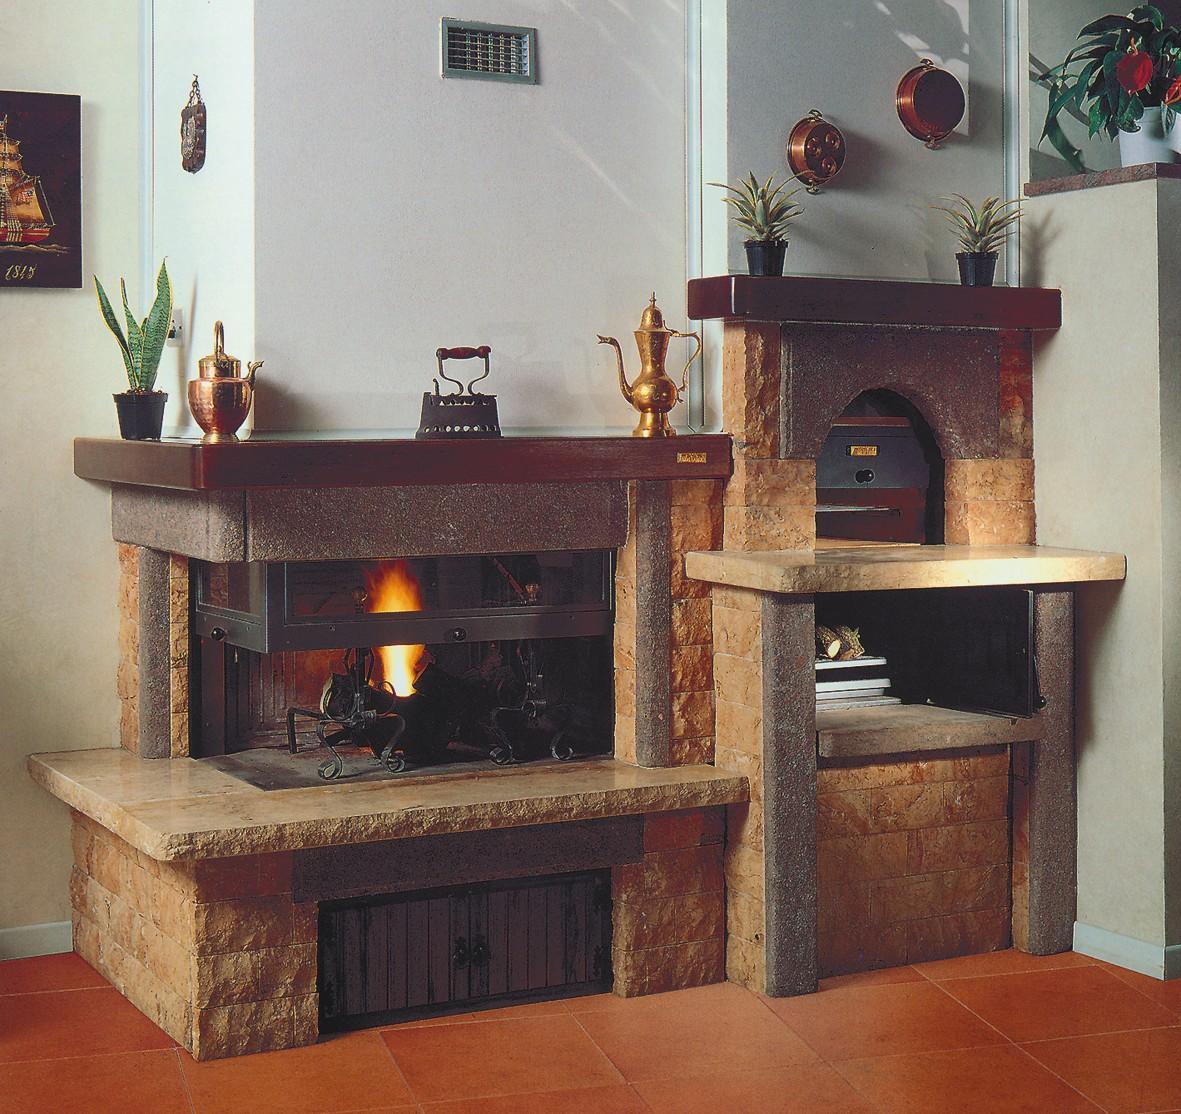 Forno A Legna Con Camino foto camini | caminetto rustico 580 | toscana marmi